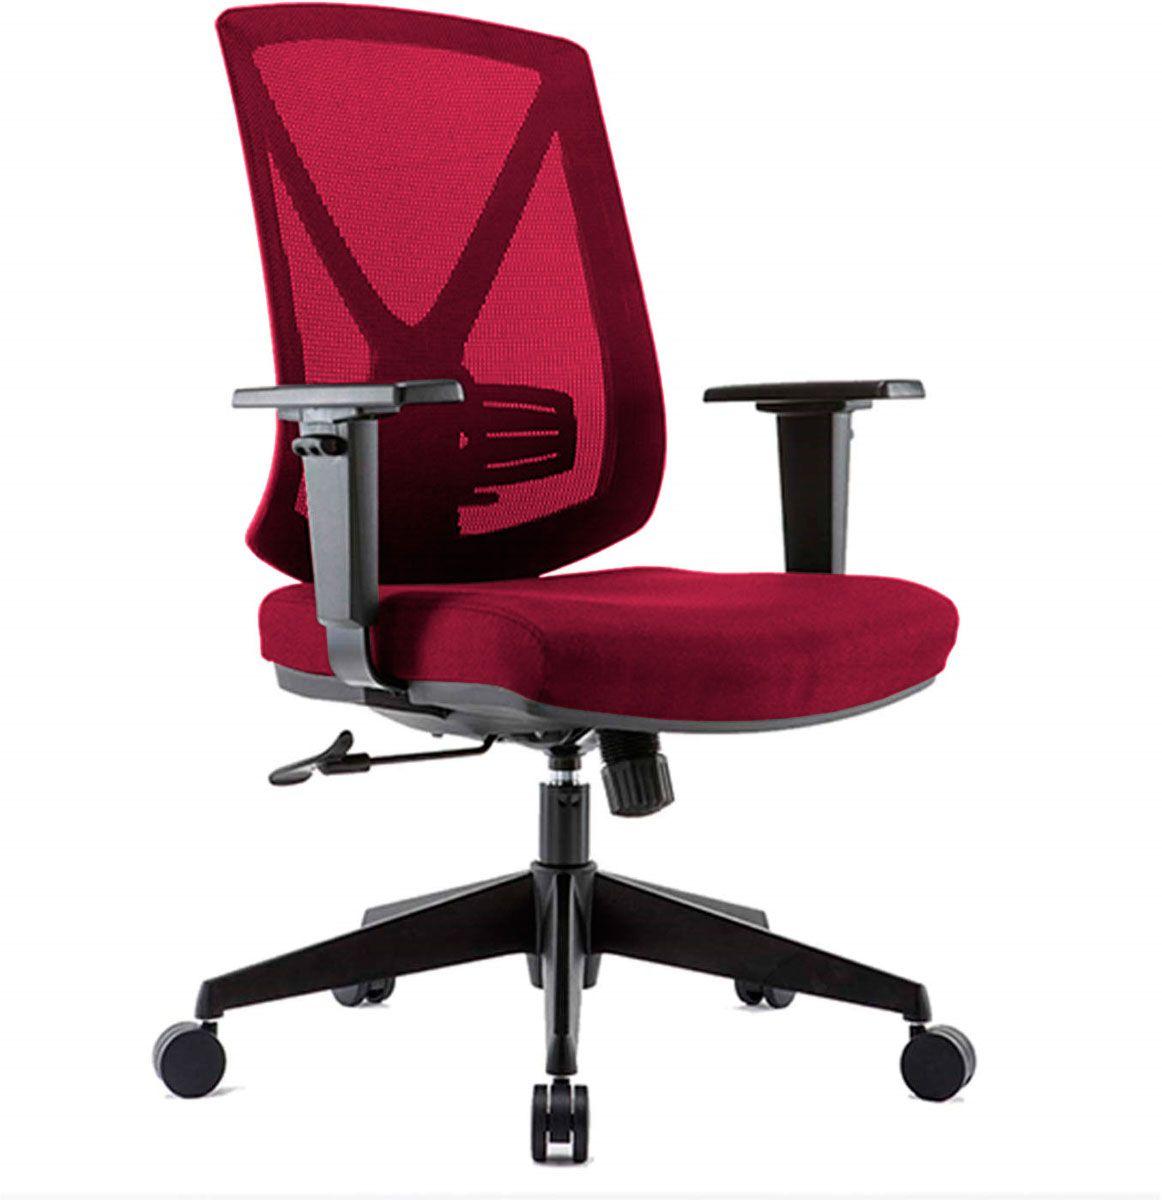 Cadeira de escritório NAIM secretária giratória base nylon preta assento em crepe